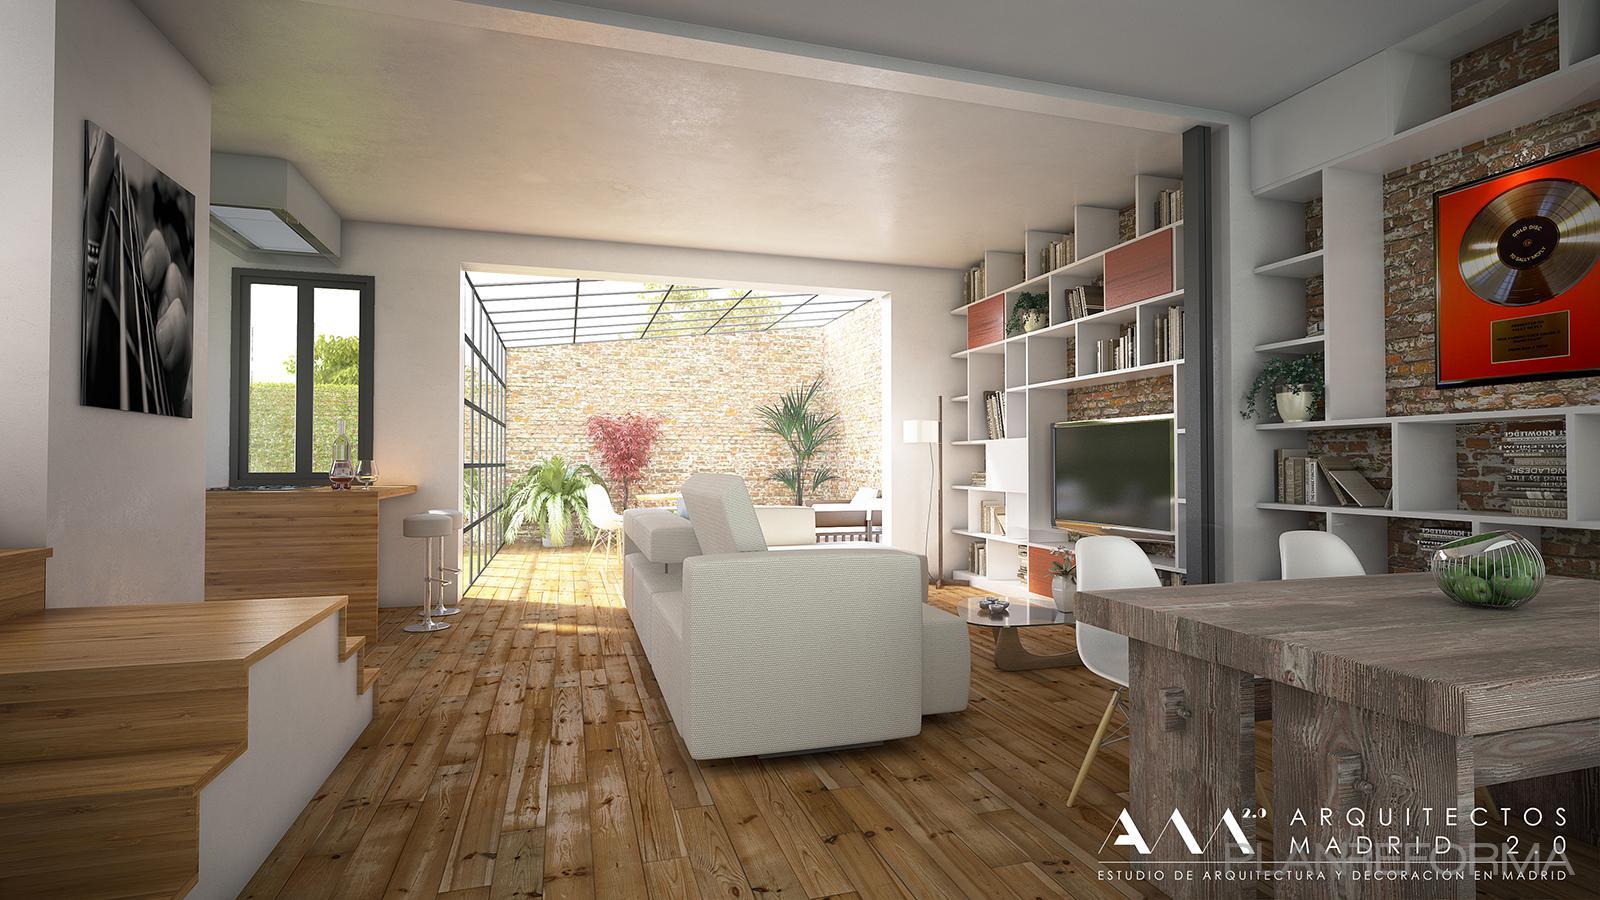 Comedor, Salon, Loft style moderno color marron, beige, marron, blanco  diseñado por Arquitectos Madrid 2.0 | Arquitecto